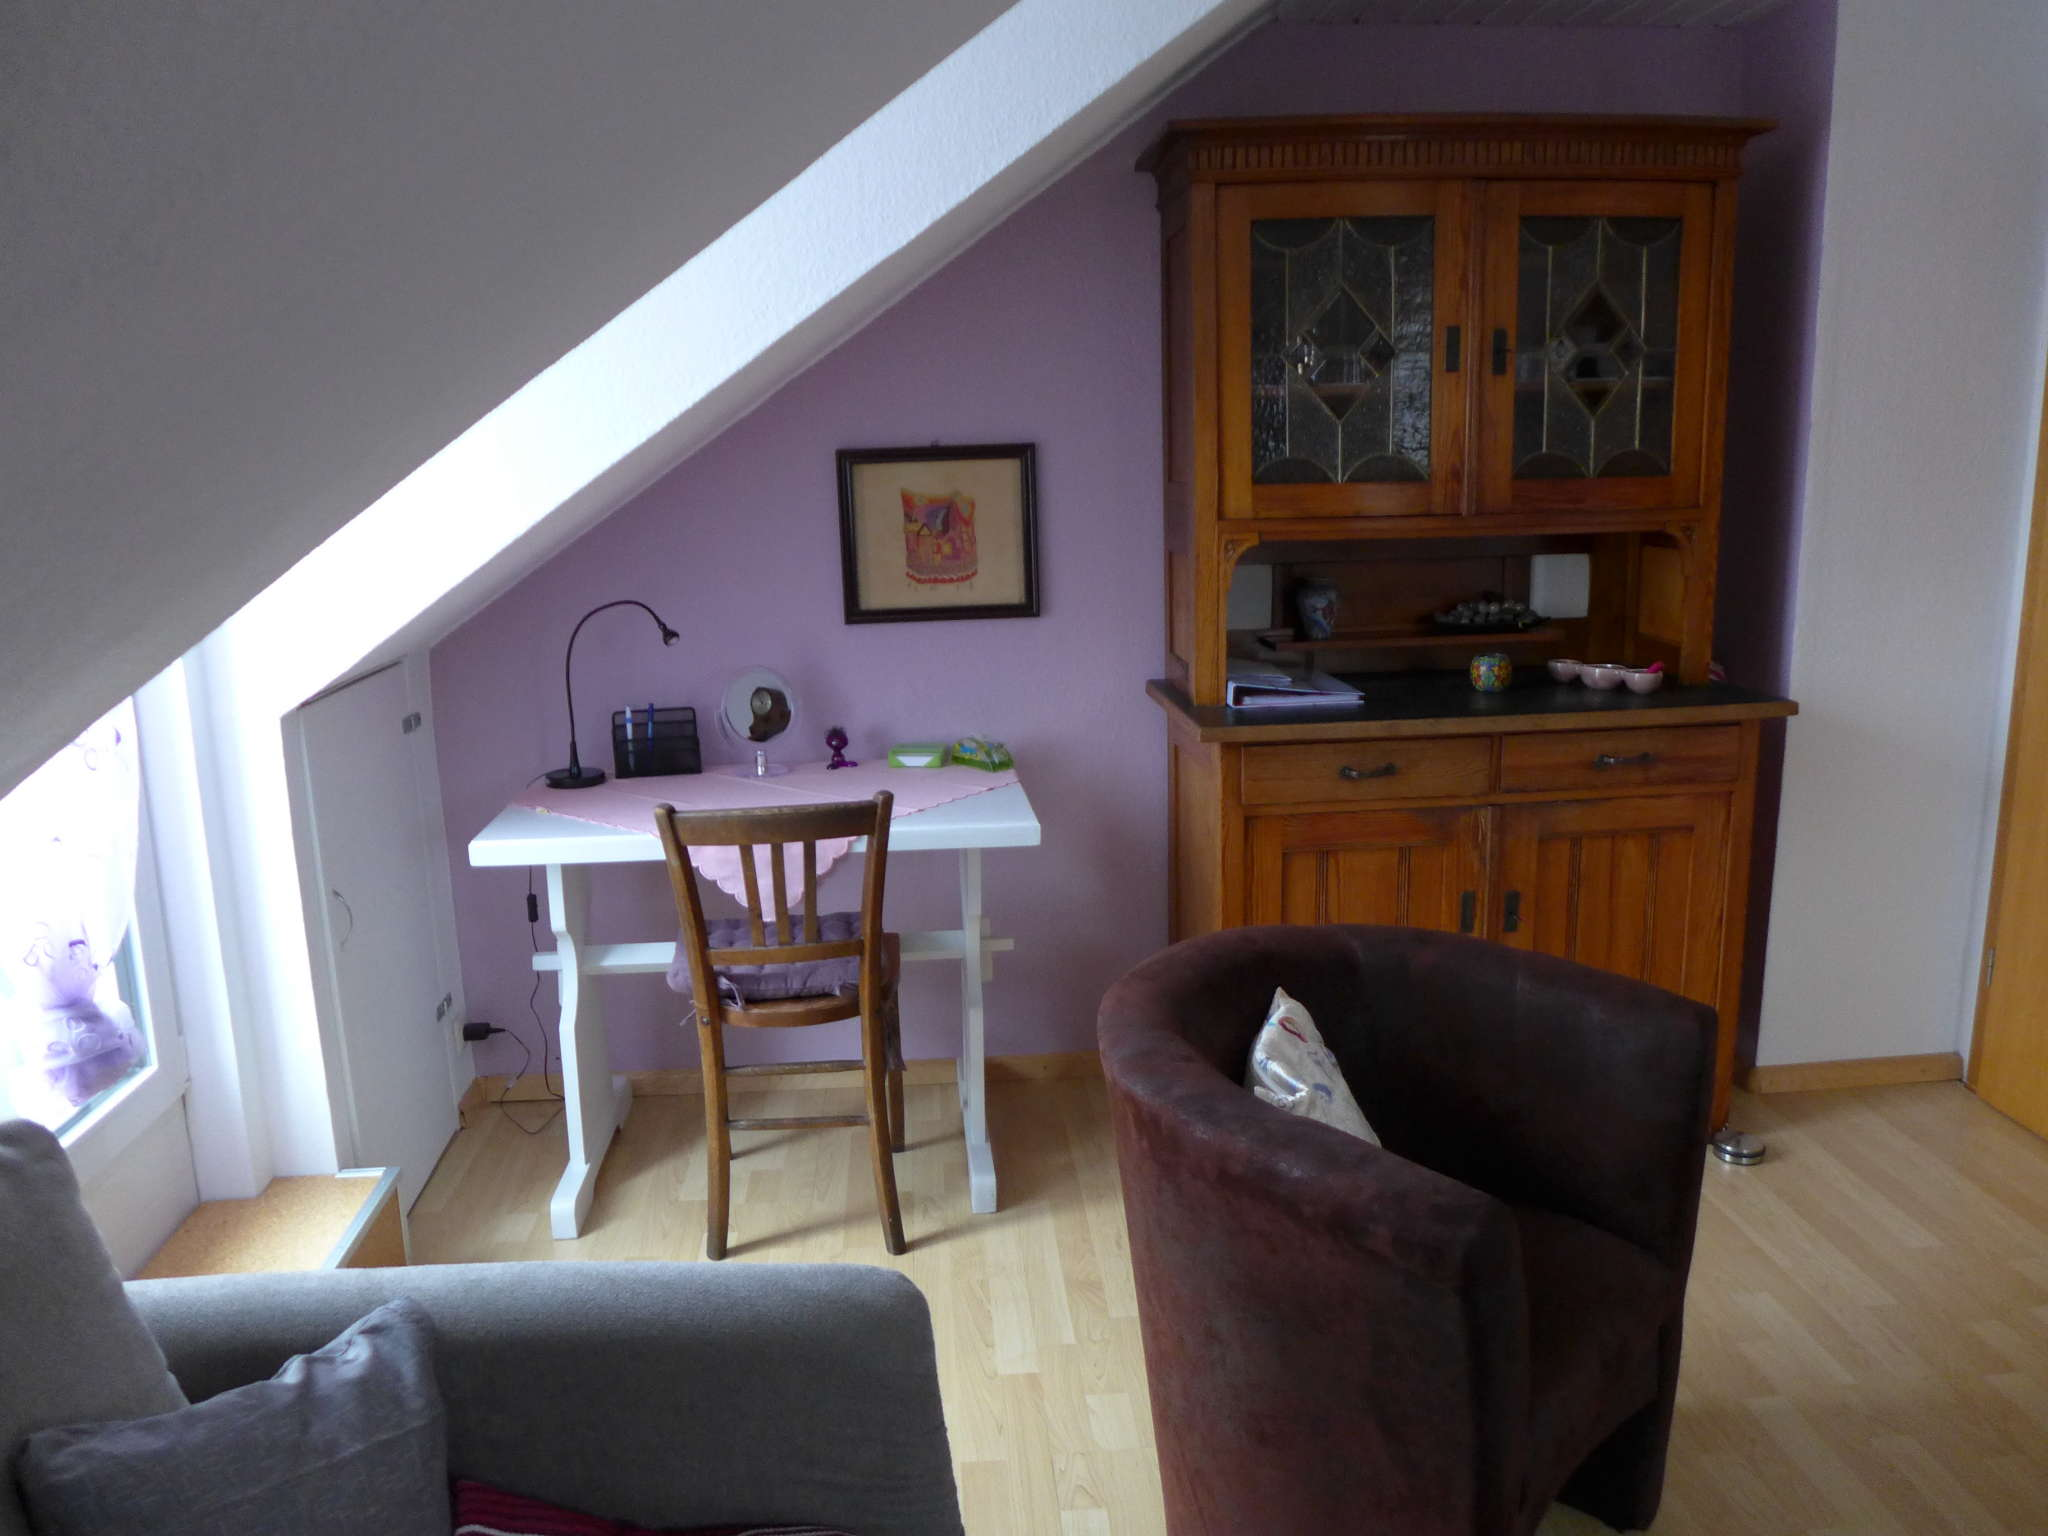 ferienwohnung porta alba in trier rheinland pfalz ruth. Black Bedroom Furniture Sets. Home Design Ideas